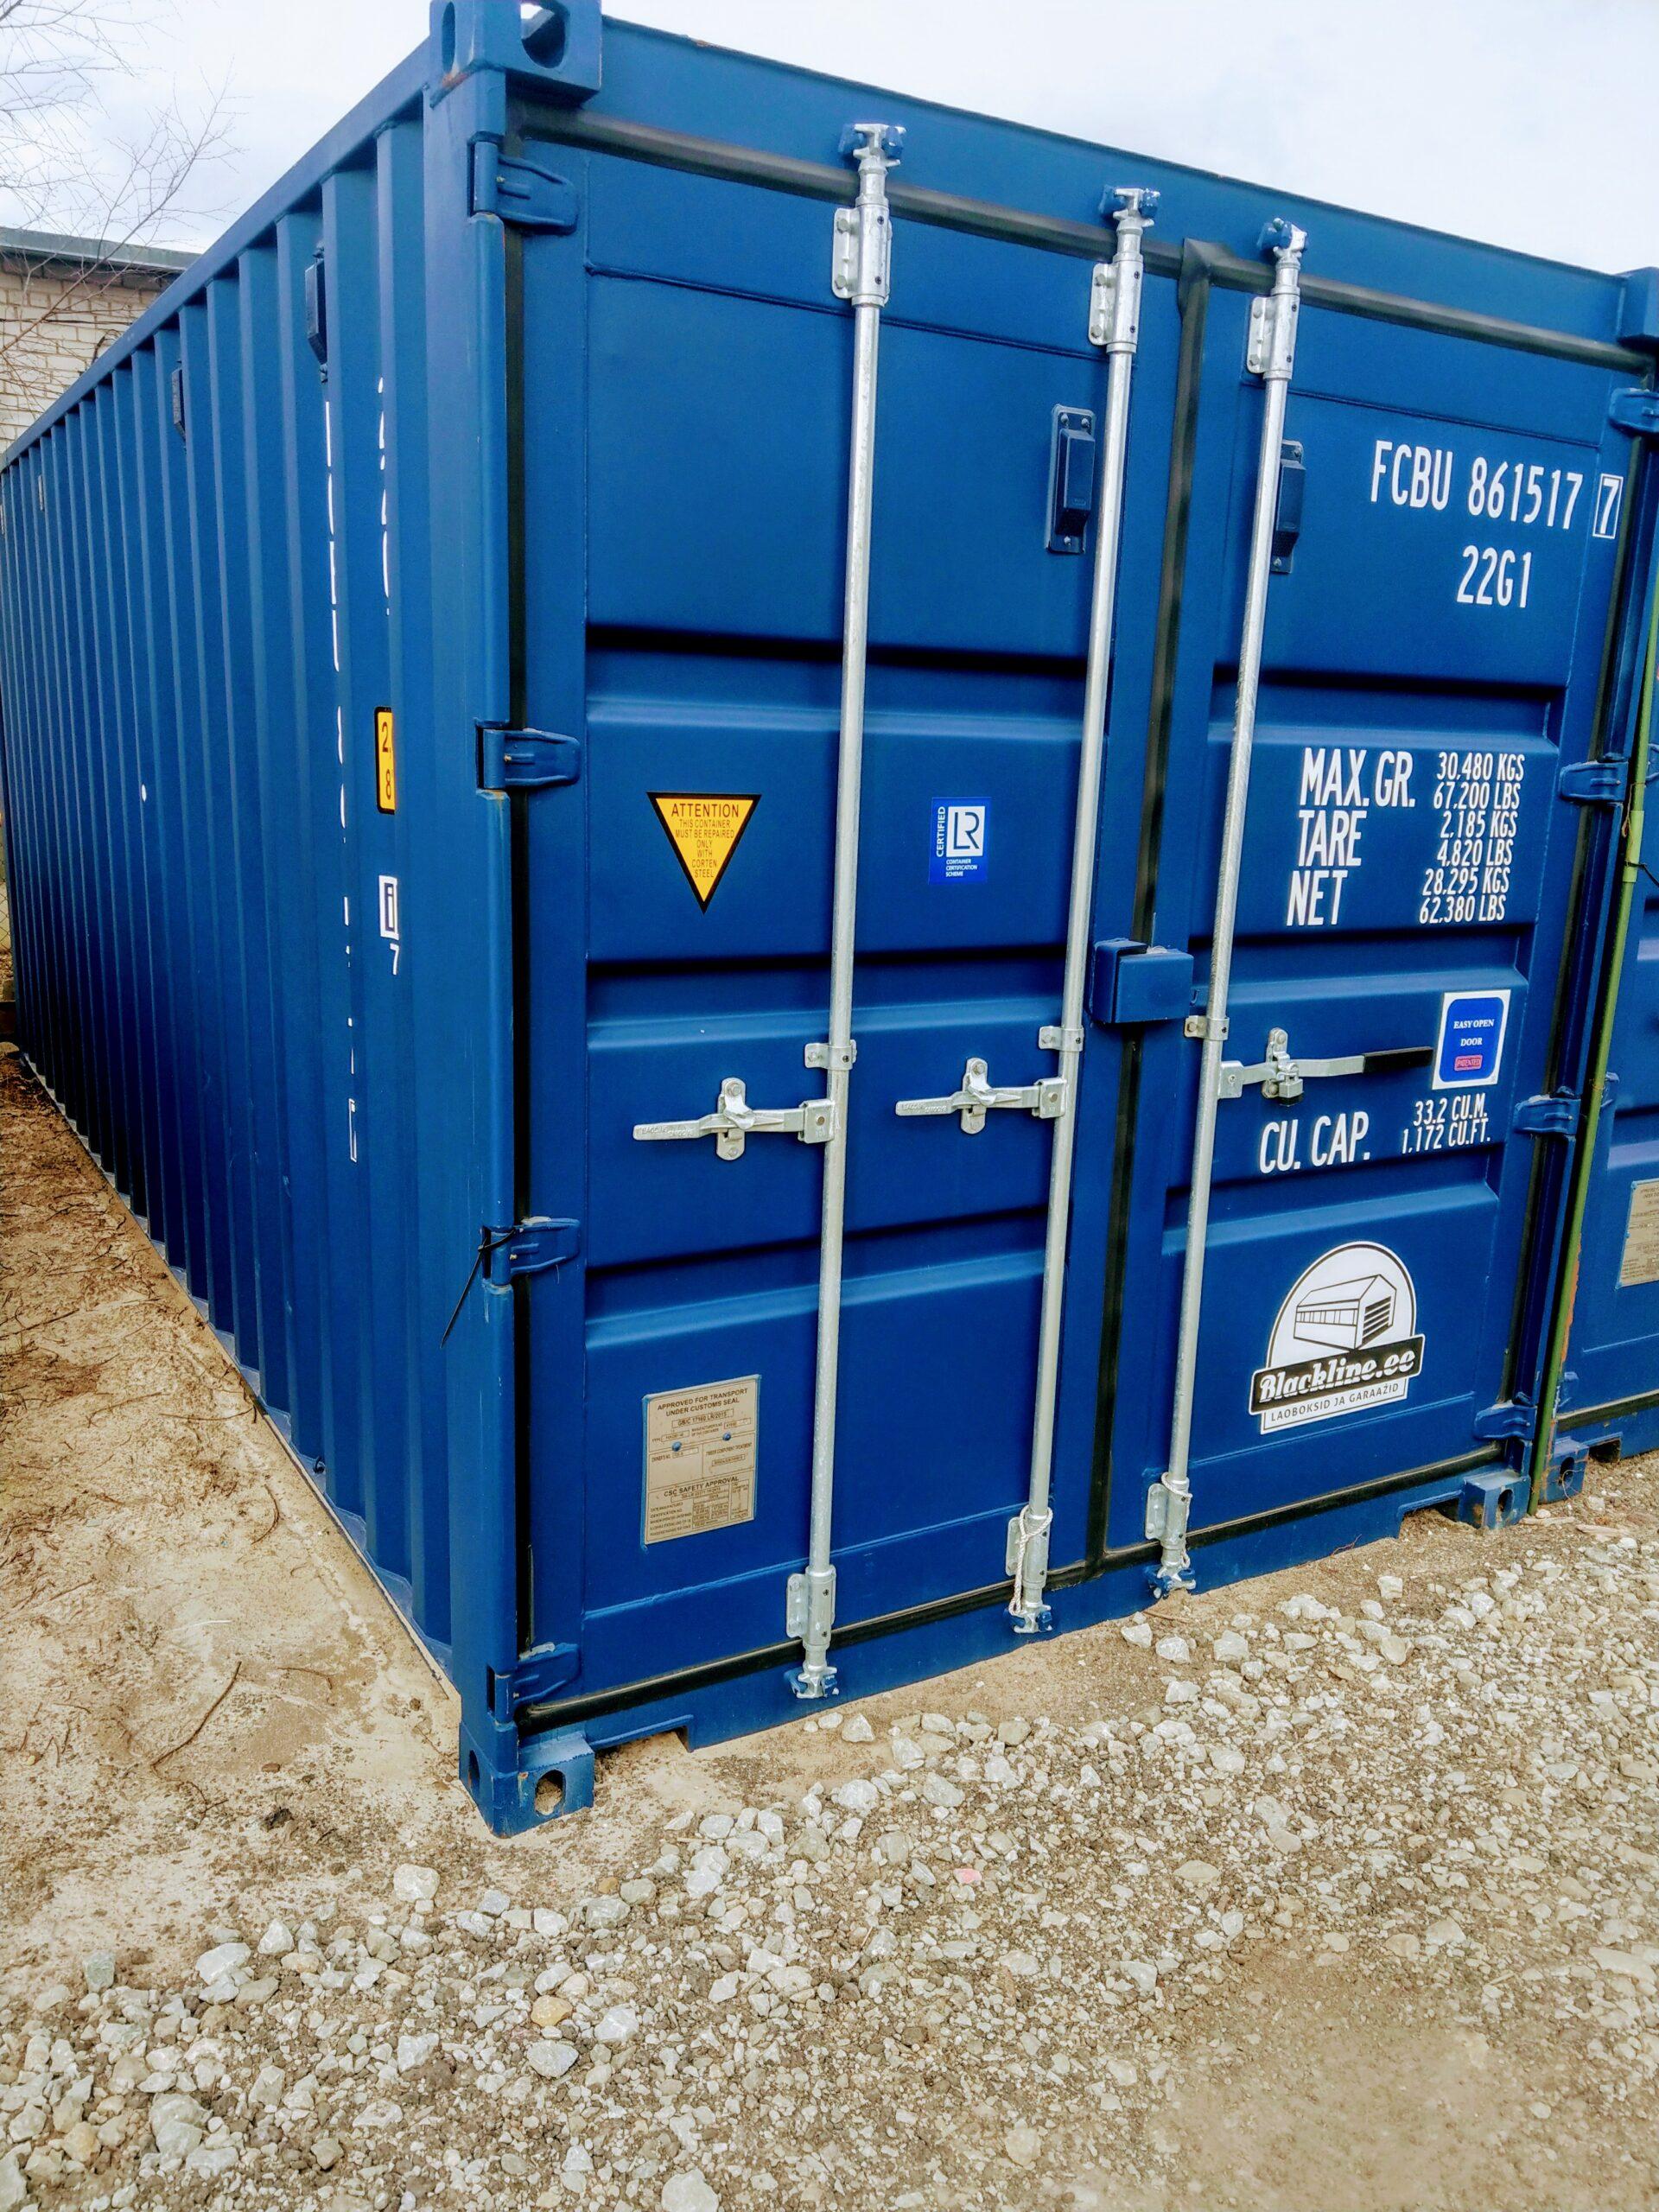 Uus konteinerladu NR 1 – FCBU8615177